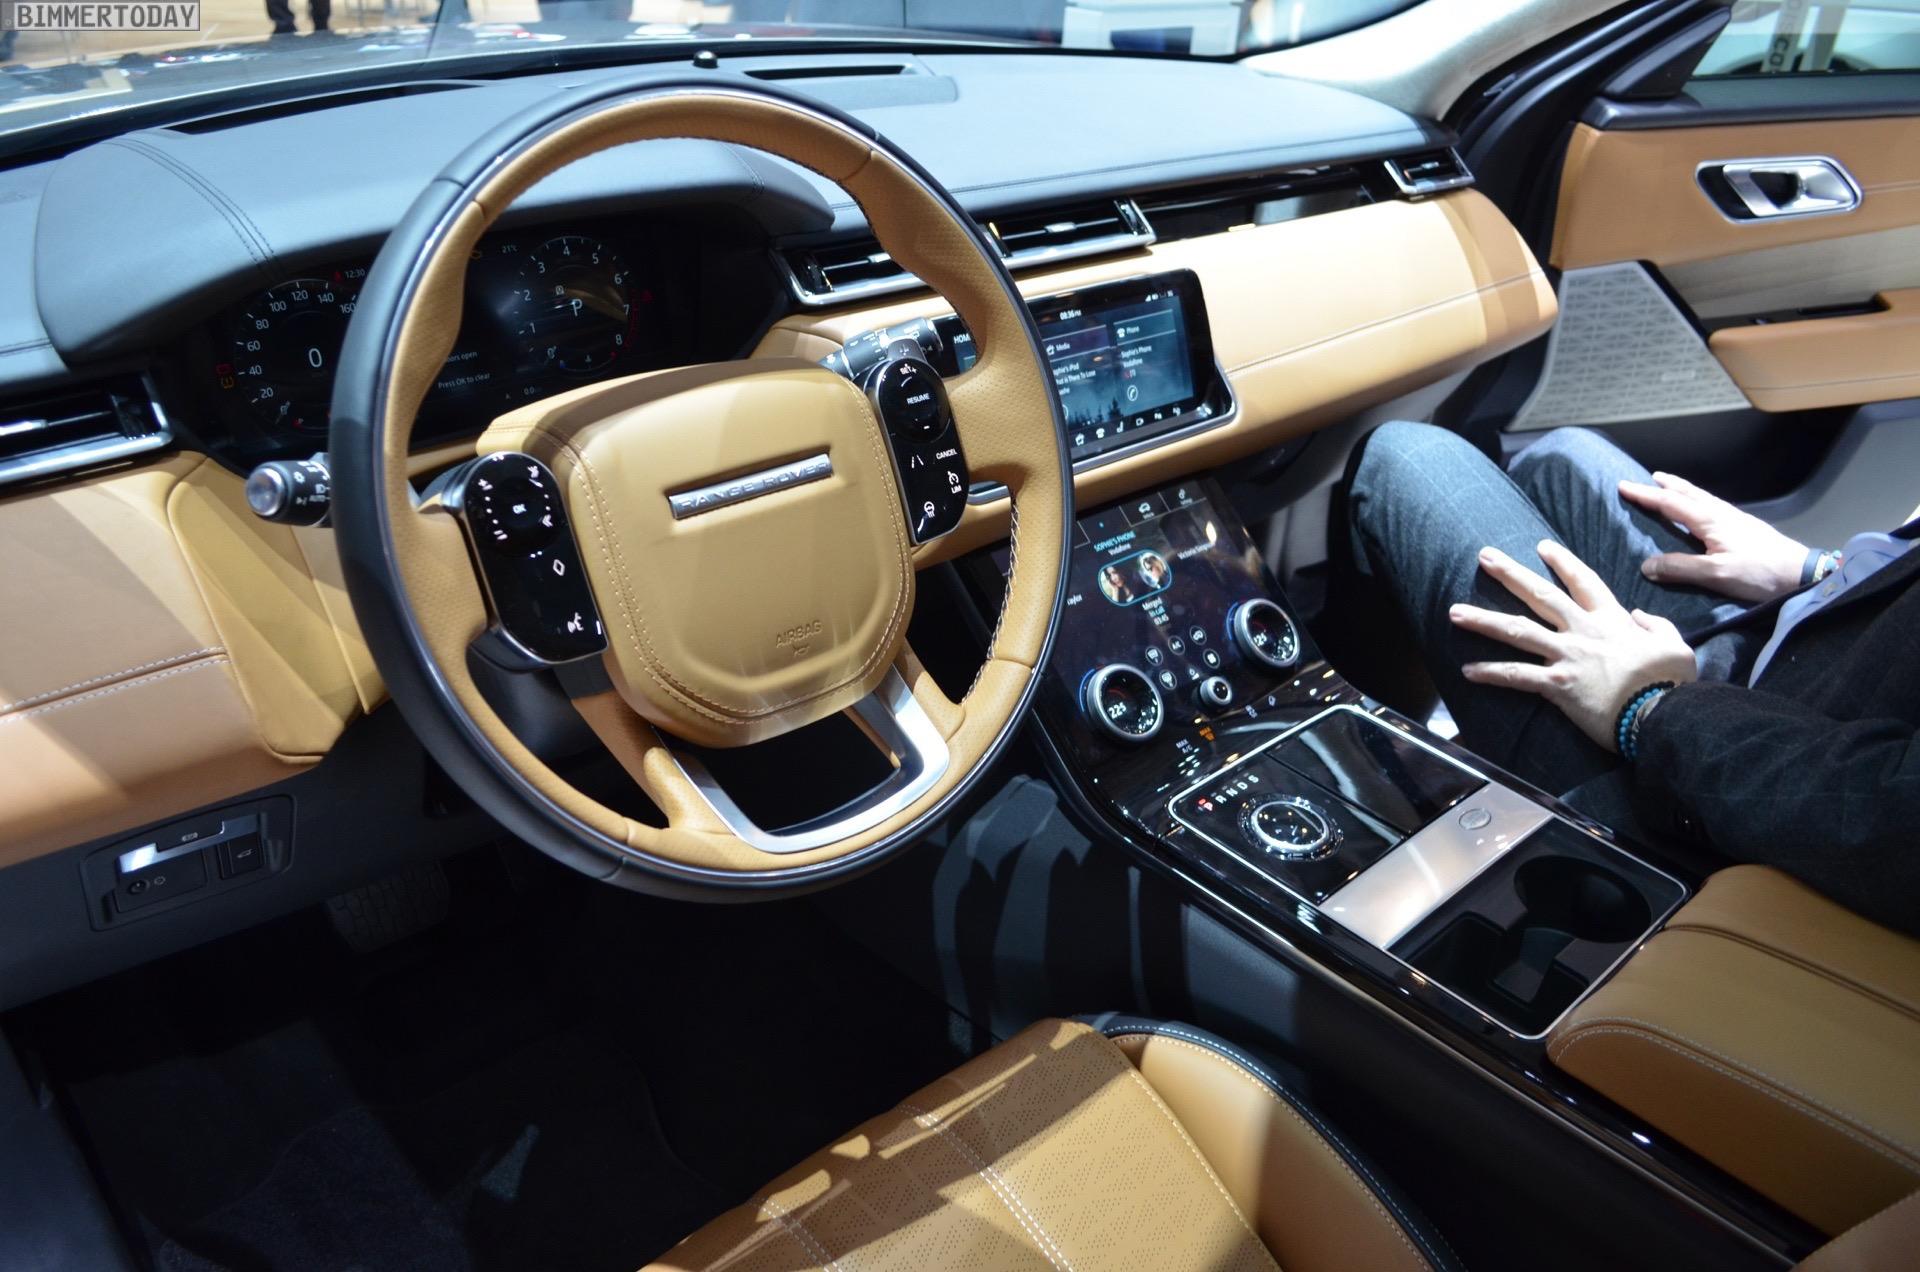 https://cdn.bmwblog.com/wp-content/uploads/2017/03/2017-Range-Rover-Velar-P380-Interieur-Genf-Autosalon-Live-06.jpg